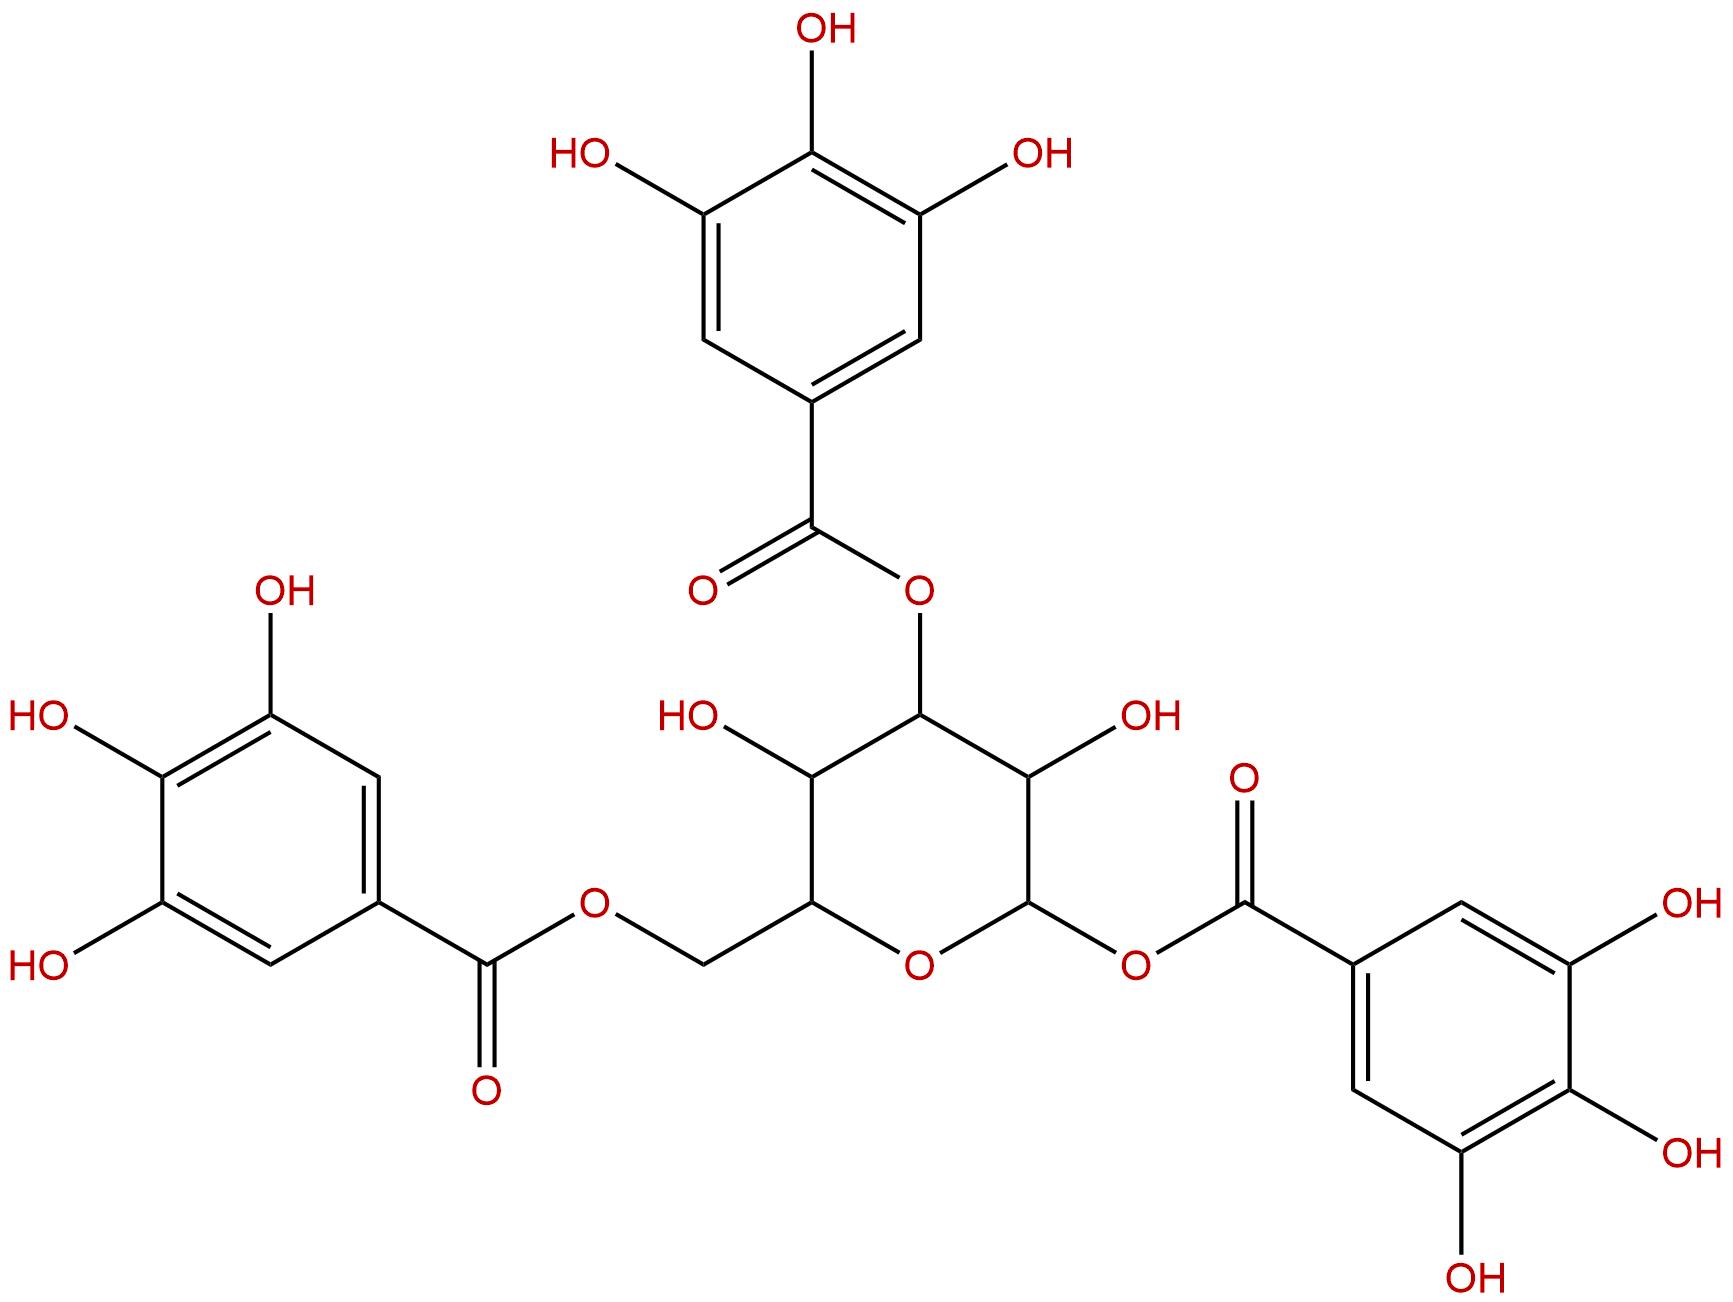 1,3,6-Tri-O-galloyl-beta-D-glucose